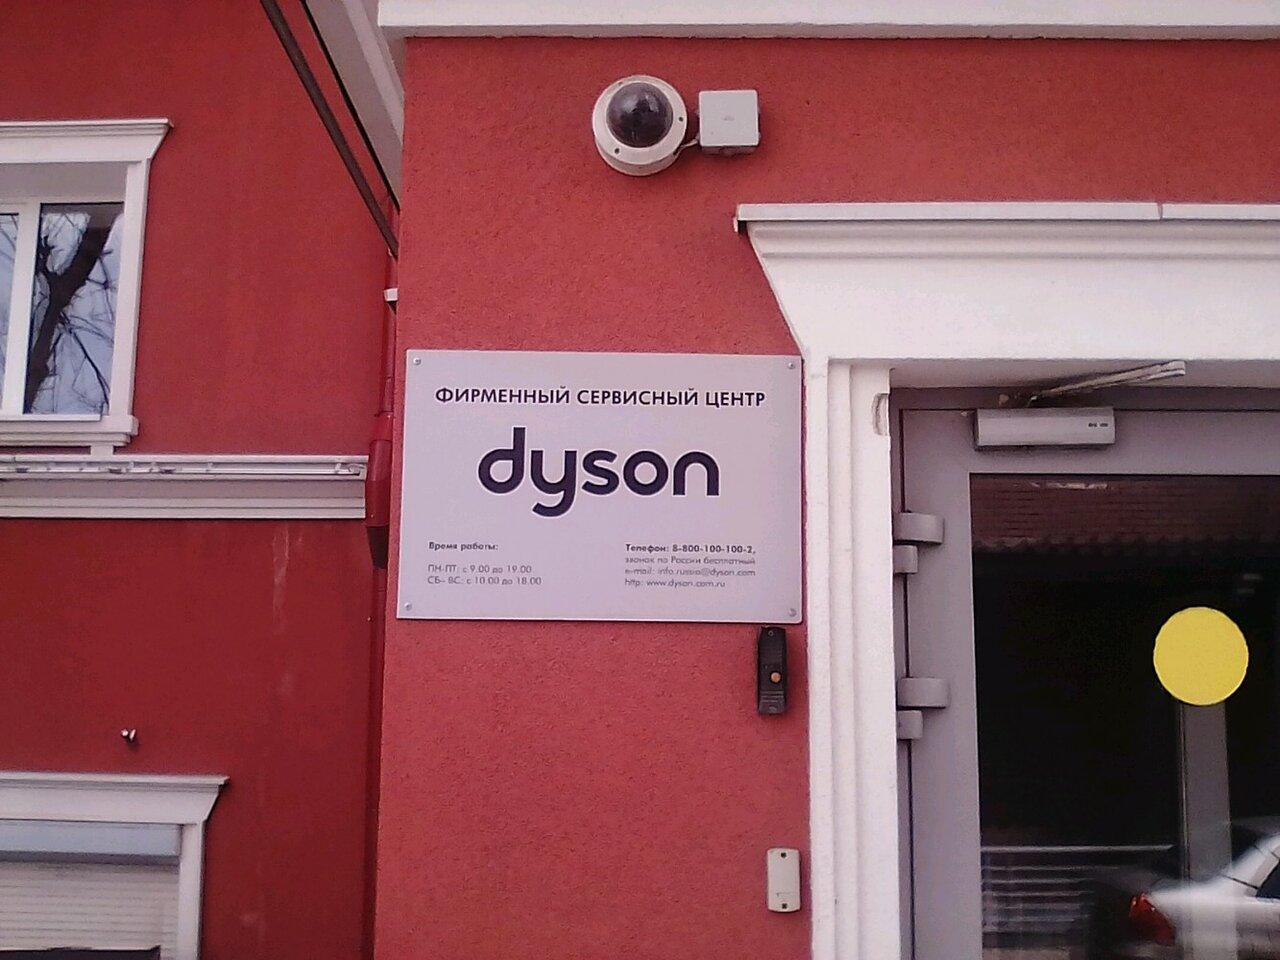 Сервис центр дайсон воронцовская 20 дайсон сайт